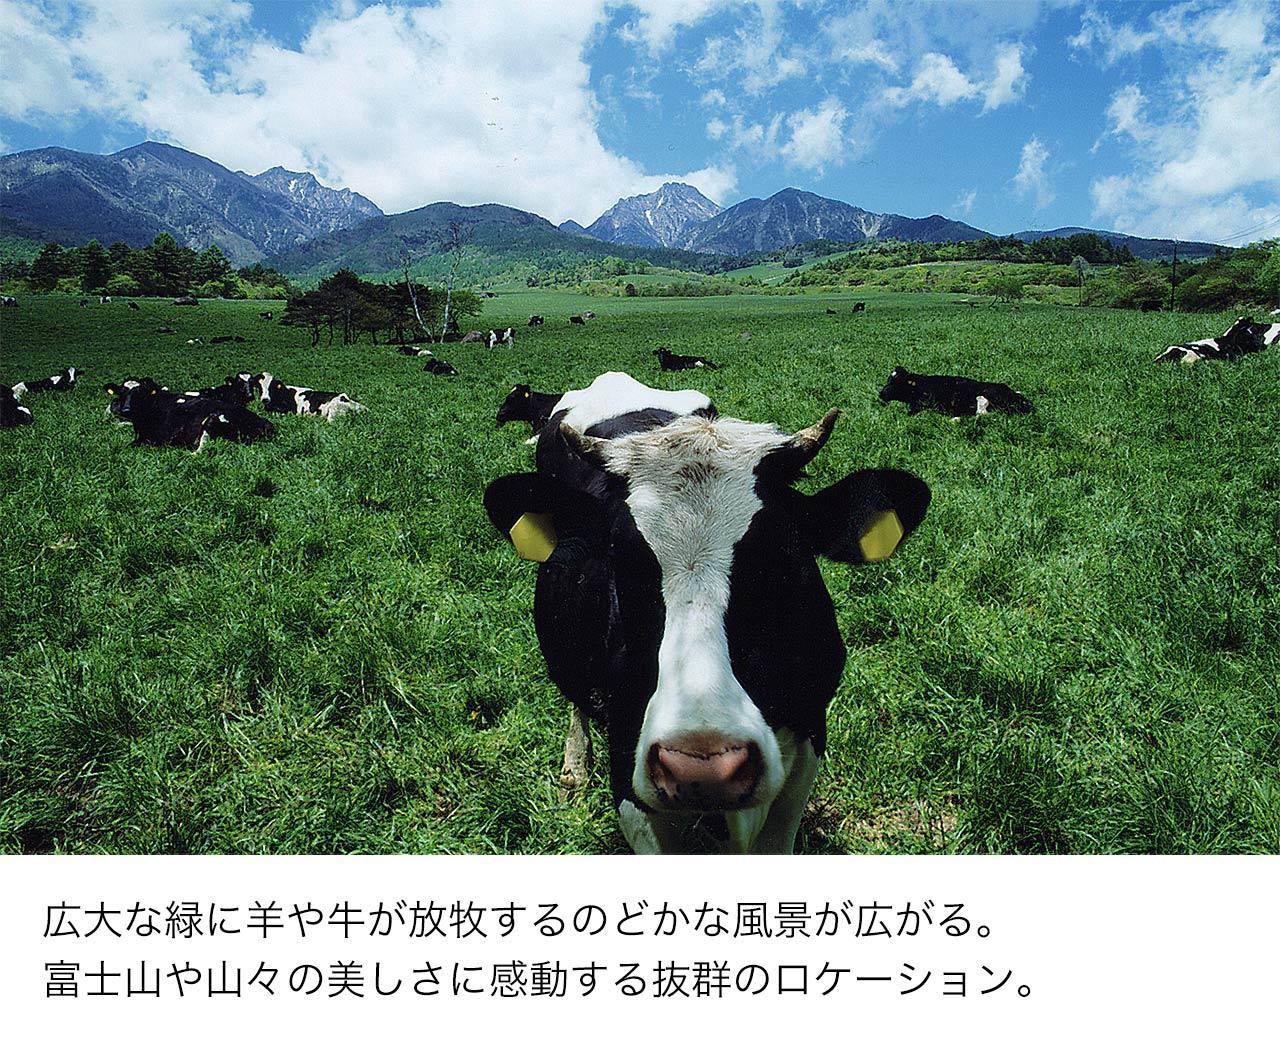 広大な緑に羊や牛が放牧するのどかな風景が広がる。富士山や山々の美しさに感動する抜群のロケーション。